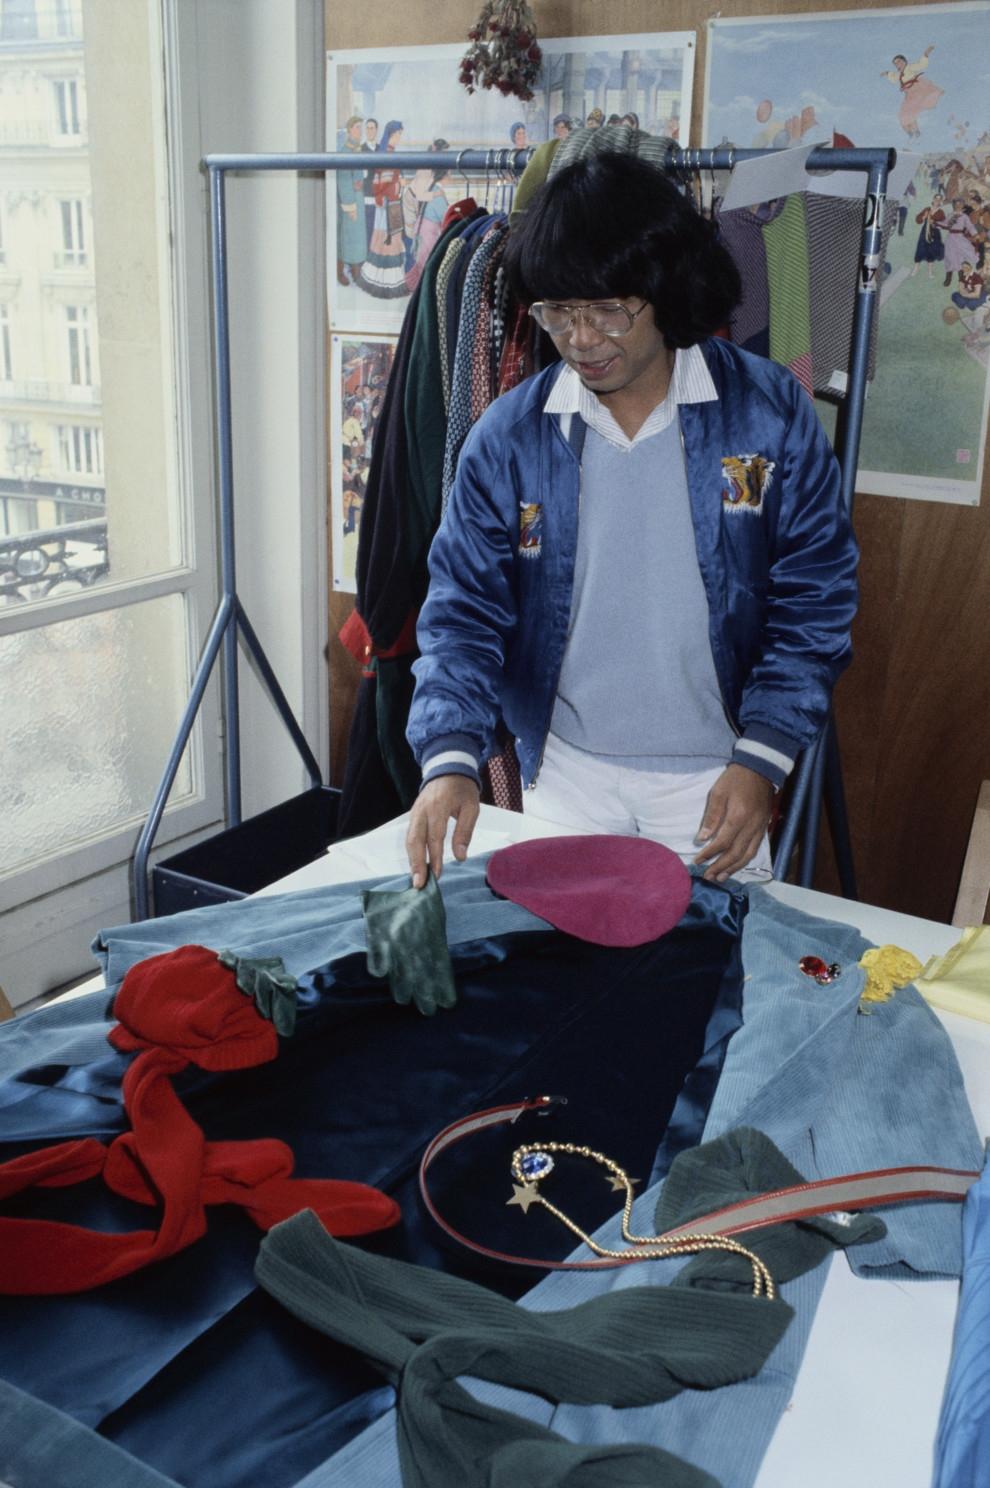 Вспоминаем Кензо Такаду: интересные факты и гениальные изобретения основателя бренда Kenzo (ФОТО) - фото №2